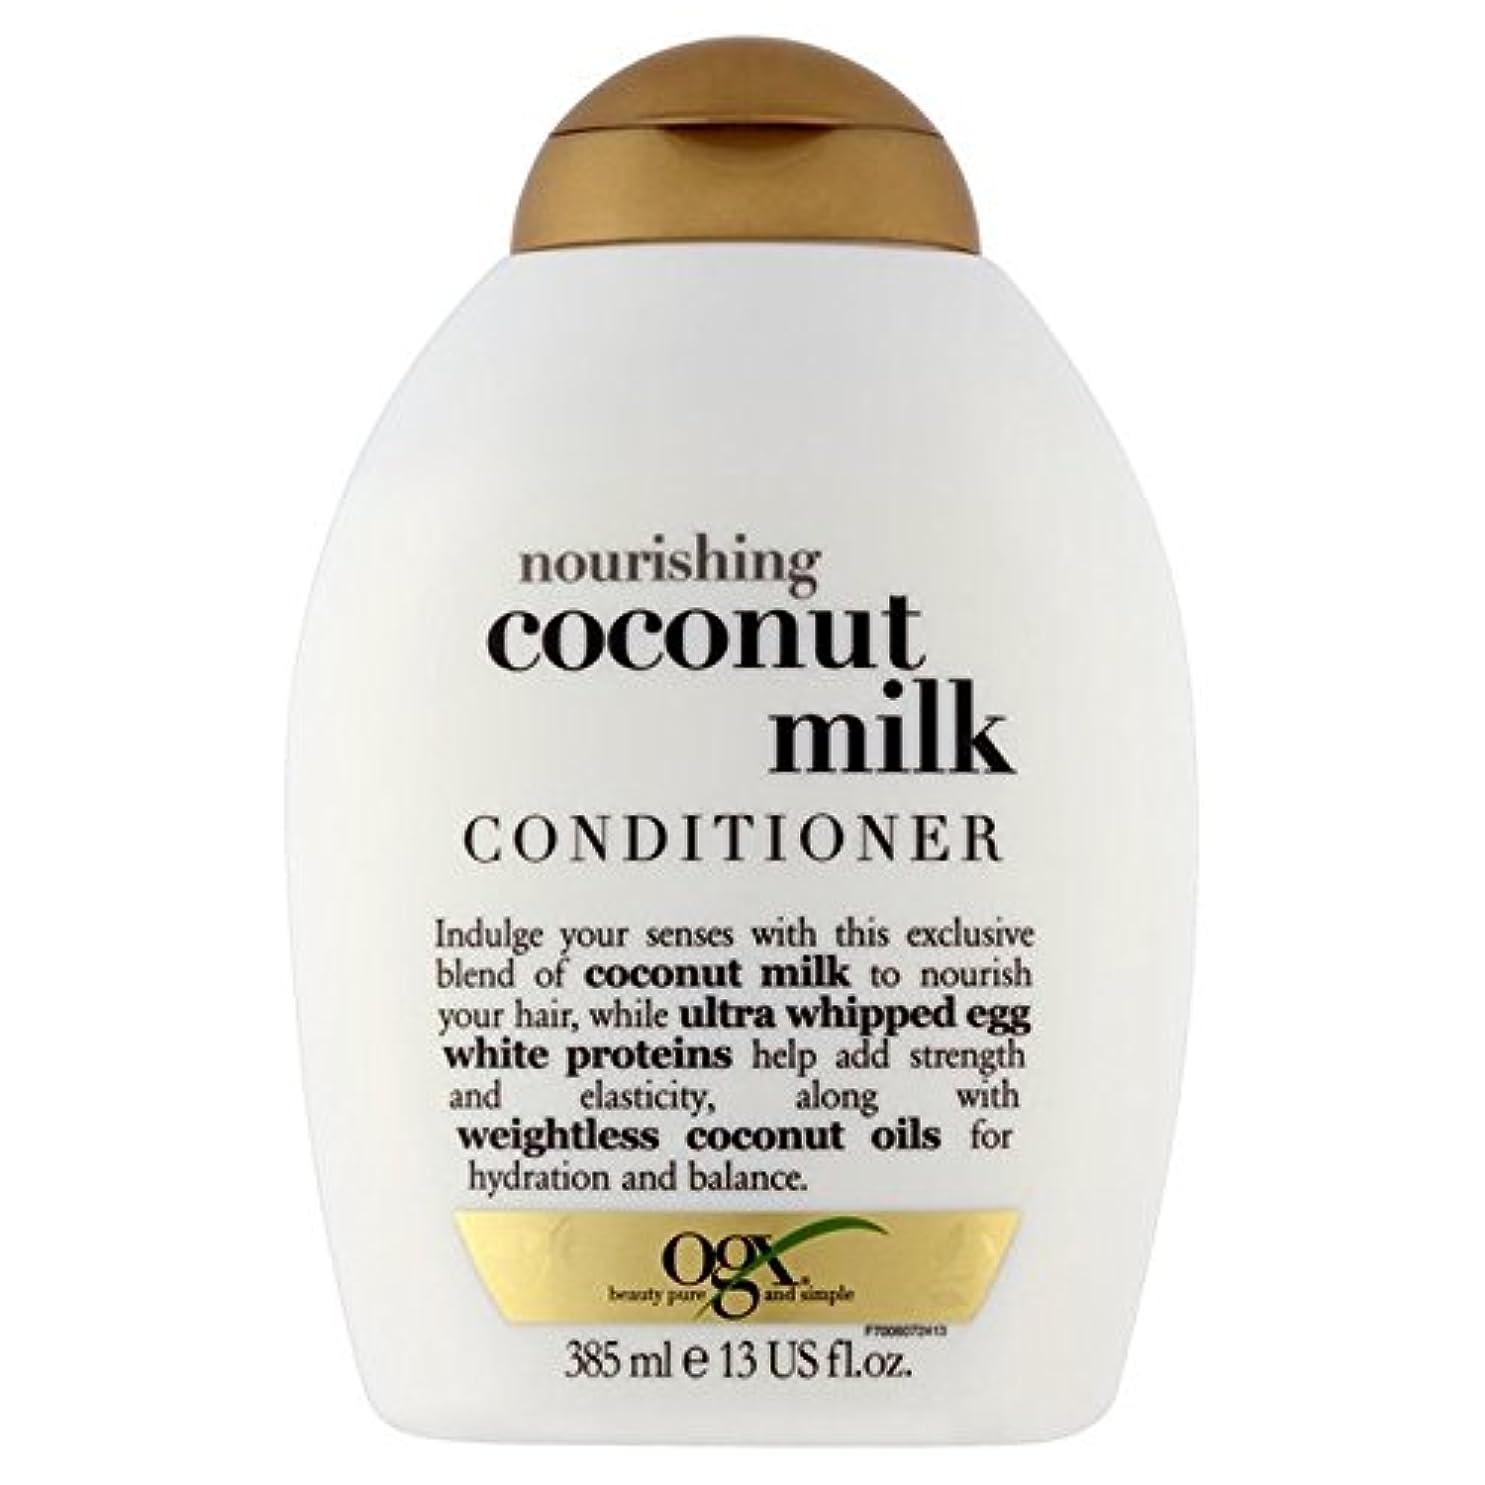 にじみ出る確立しますオールOgx Coconut Milk Conditioner 385ml - ココナッツミルクコンディショナー385ミリリットル [並行輸入品]